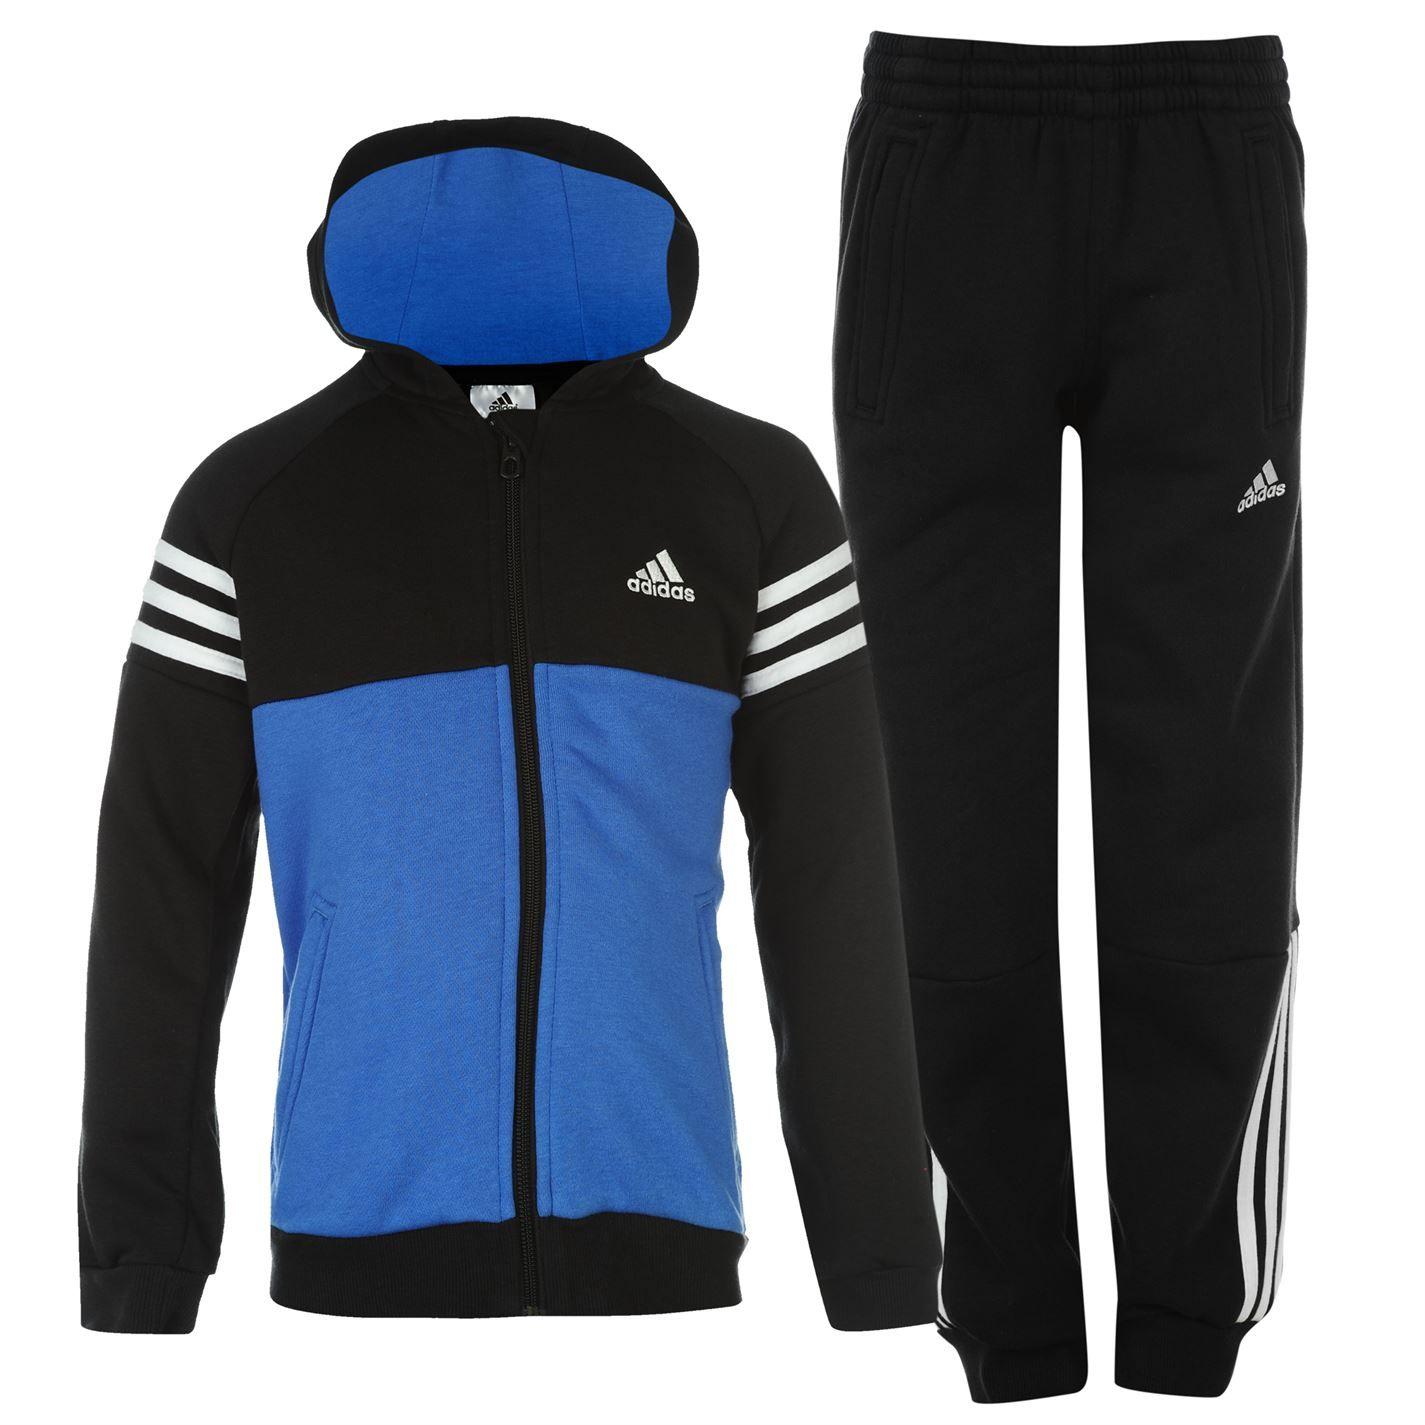 adidas 3 stripe jogging suit junior